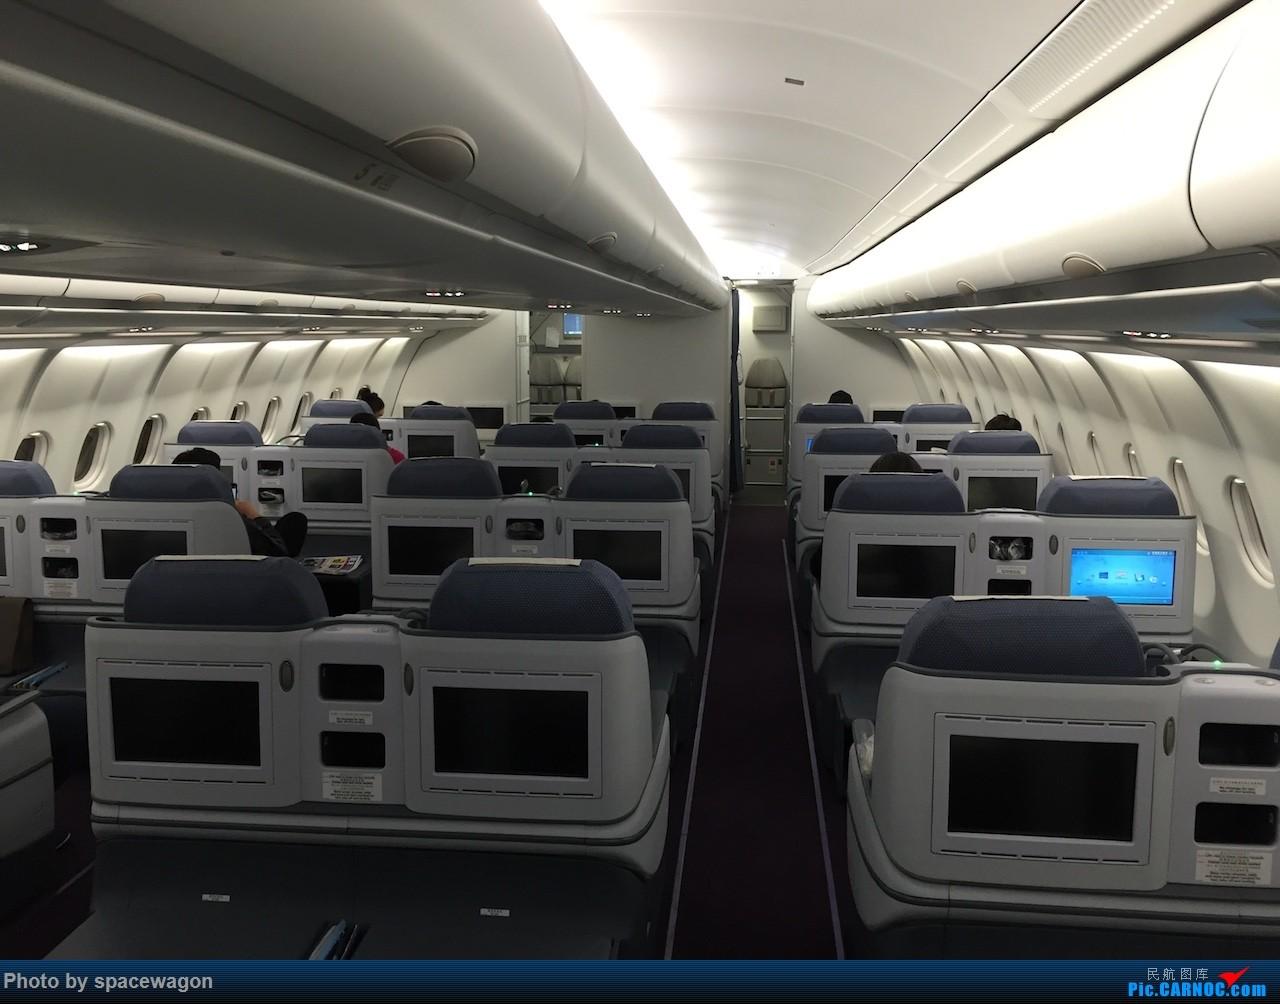 Re:[原创]{瓦罐出品} 那些年飞过的京沪线P舱 AIRBUS A330-300